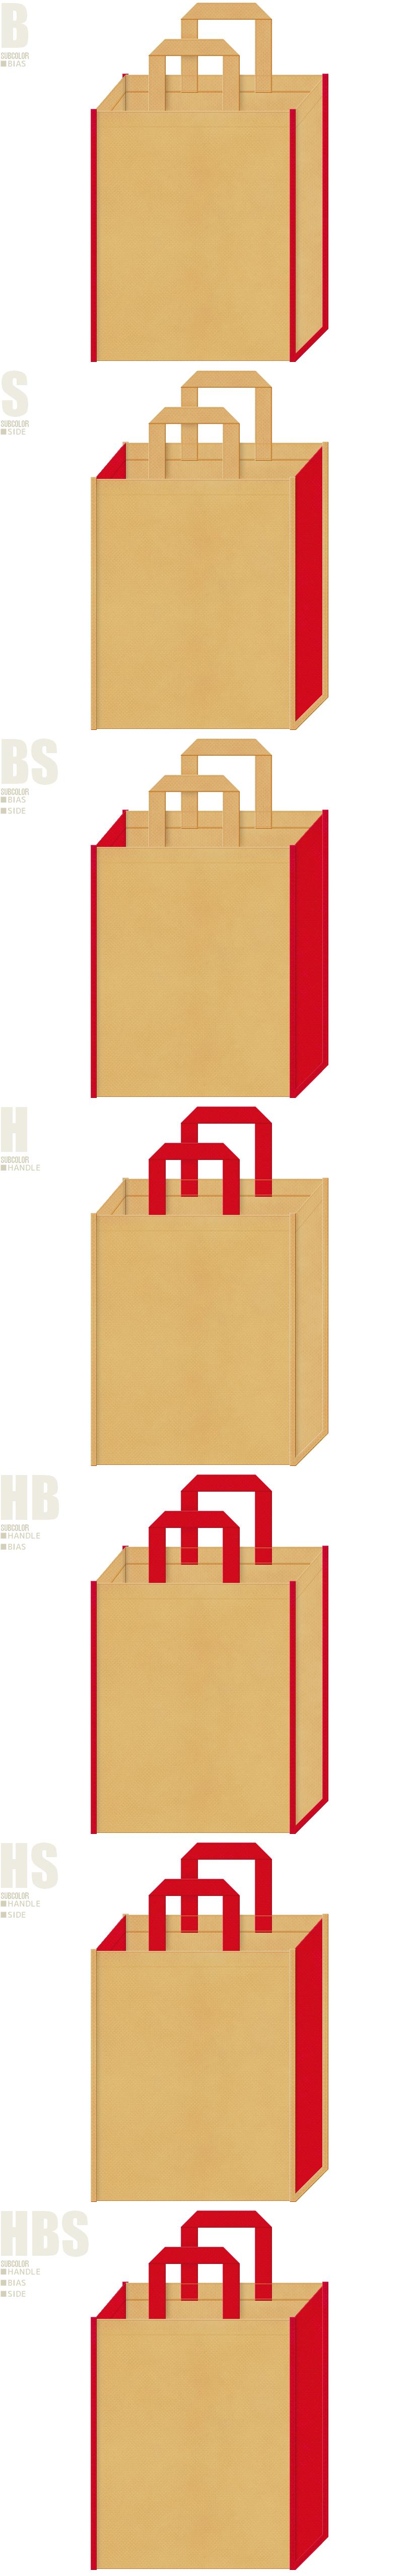 不織布トートバッグのデザイン例-不織布メインカラーNo.8+サブカラーNo.35の2色7パターン